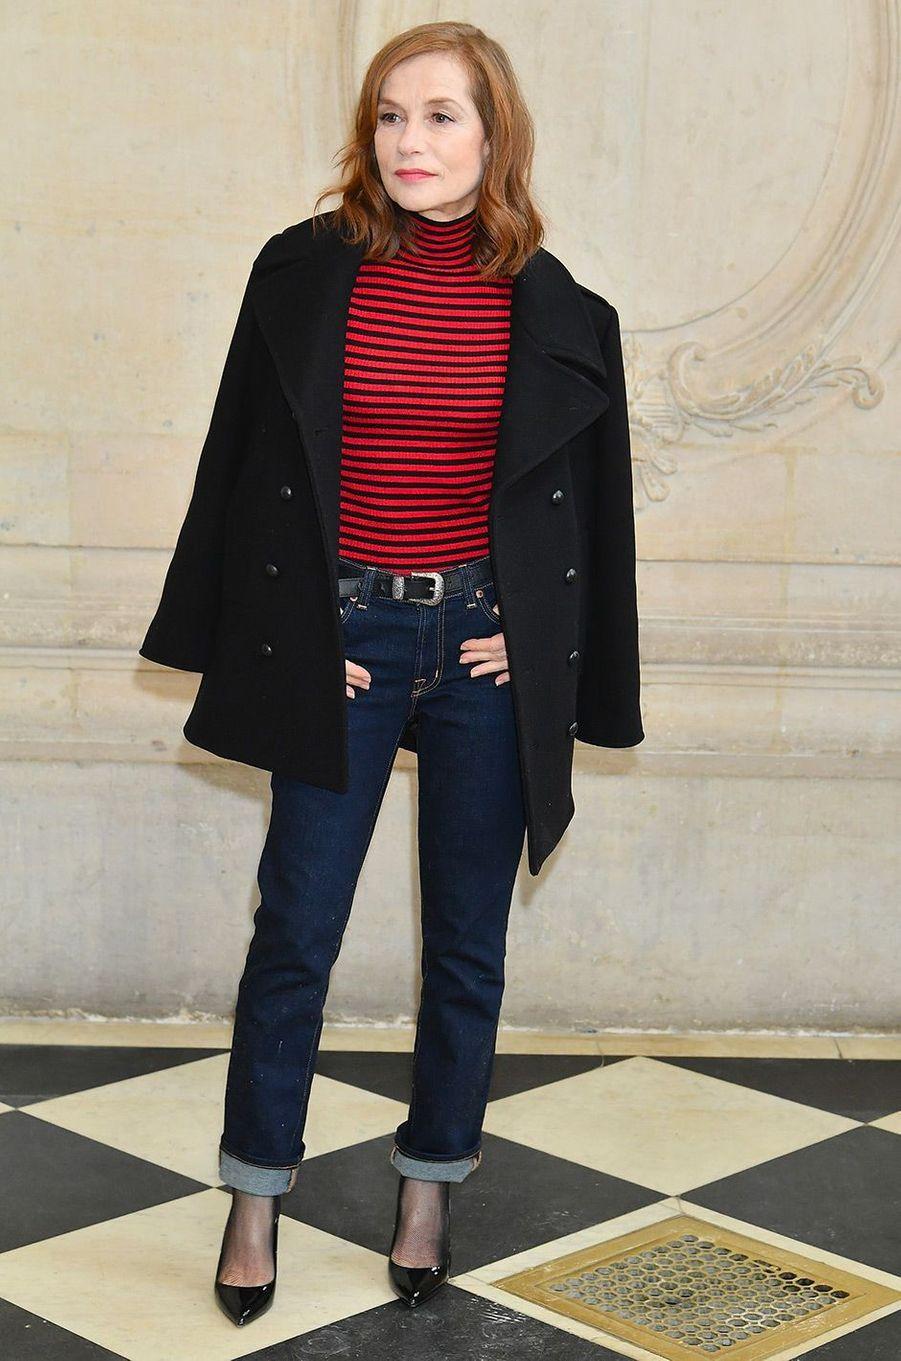 Isabelle Huppert au défilé Dior pendant la Fashion Week de Paris